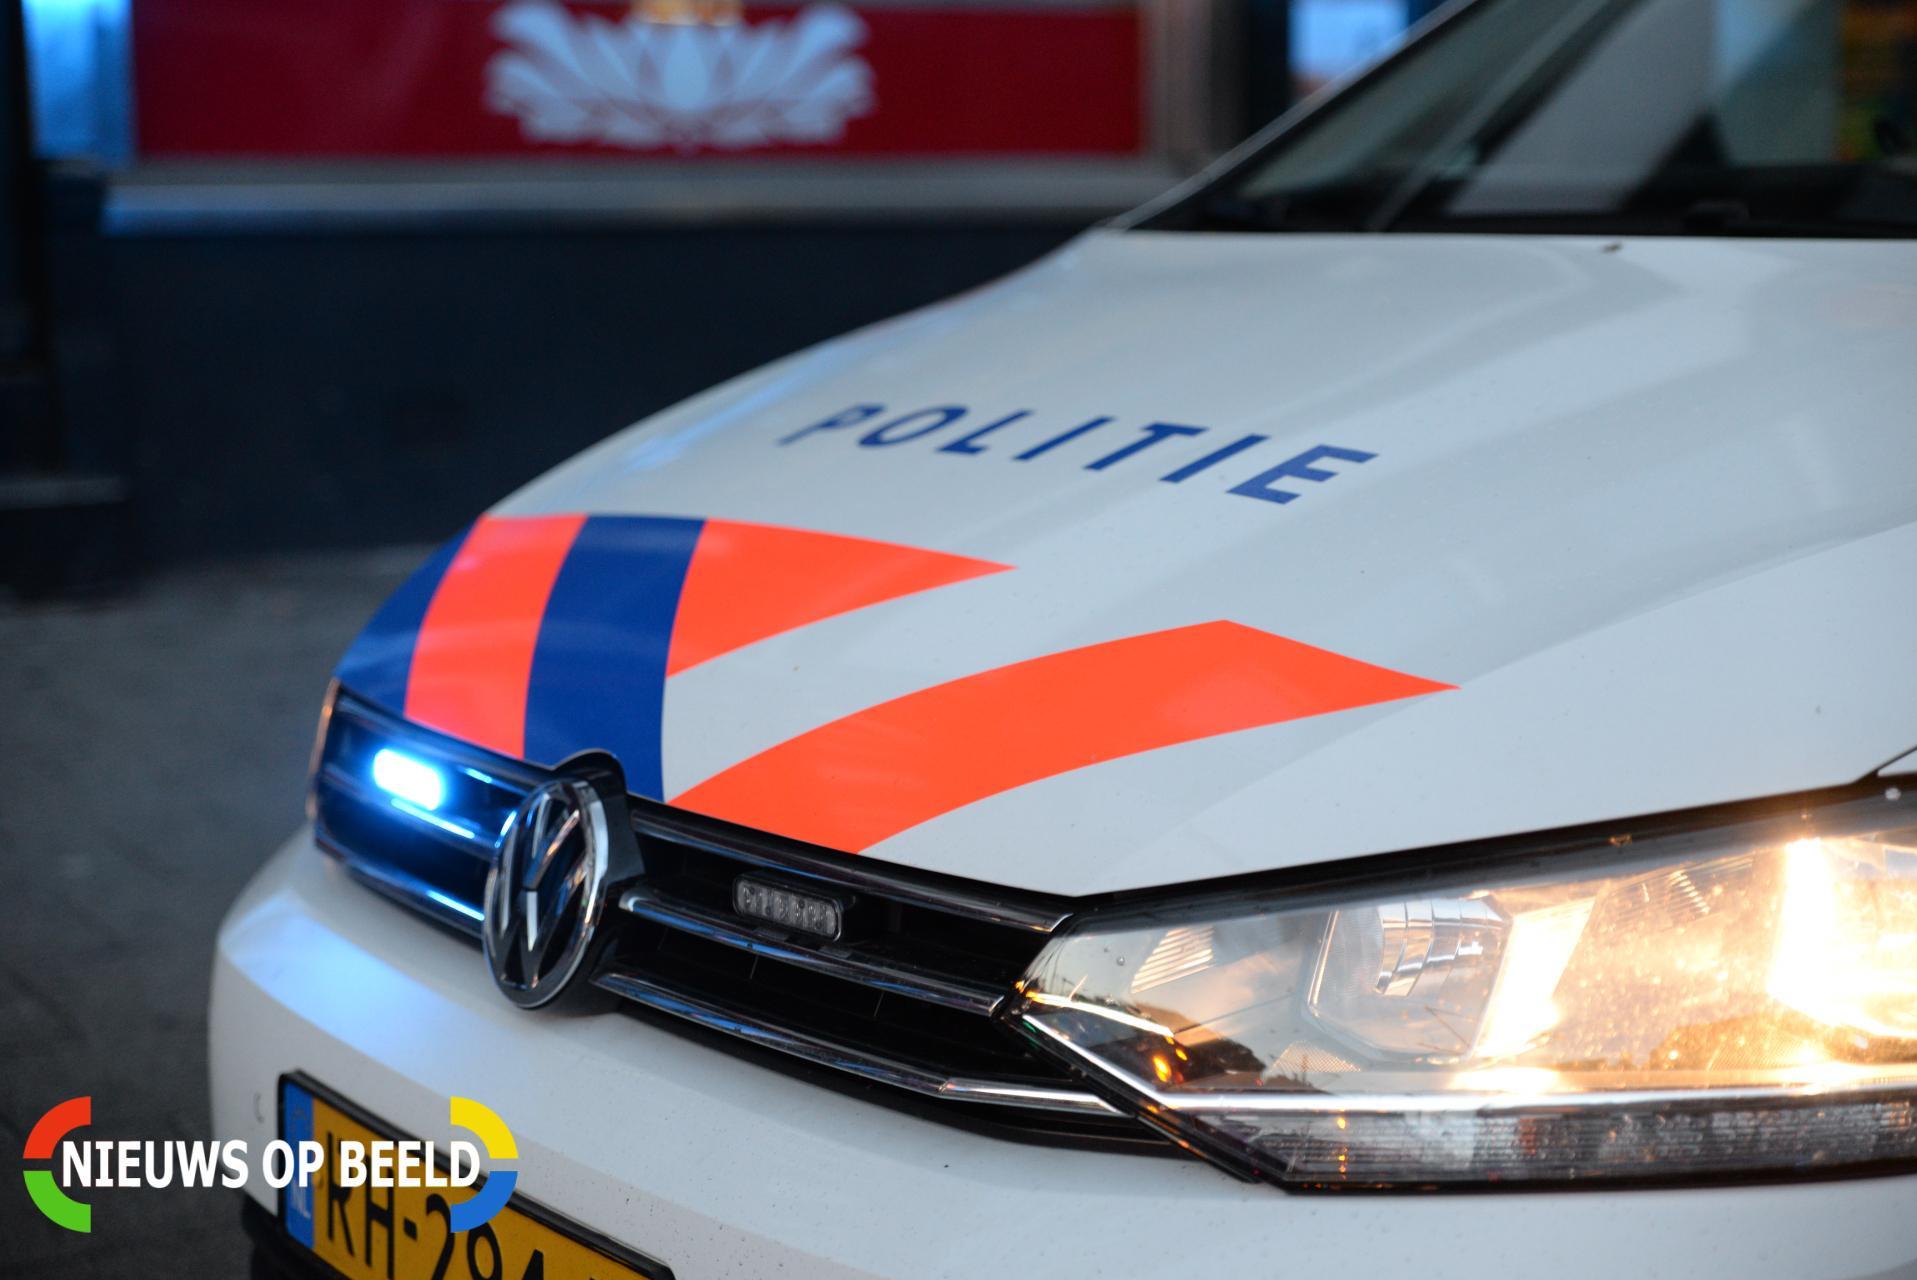 Bewoner mishandeld en bedreigd met vuurwapen tijdens woningoverval in Ammerstol